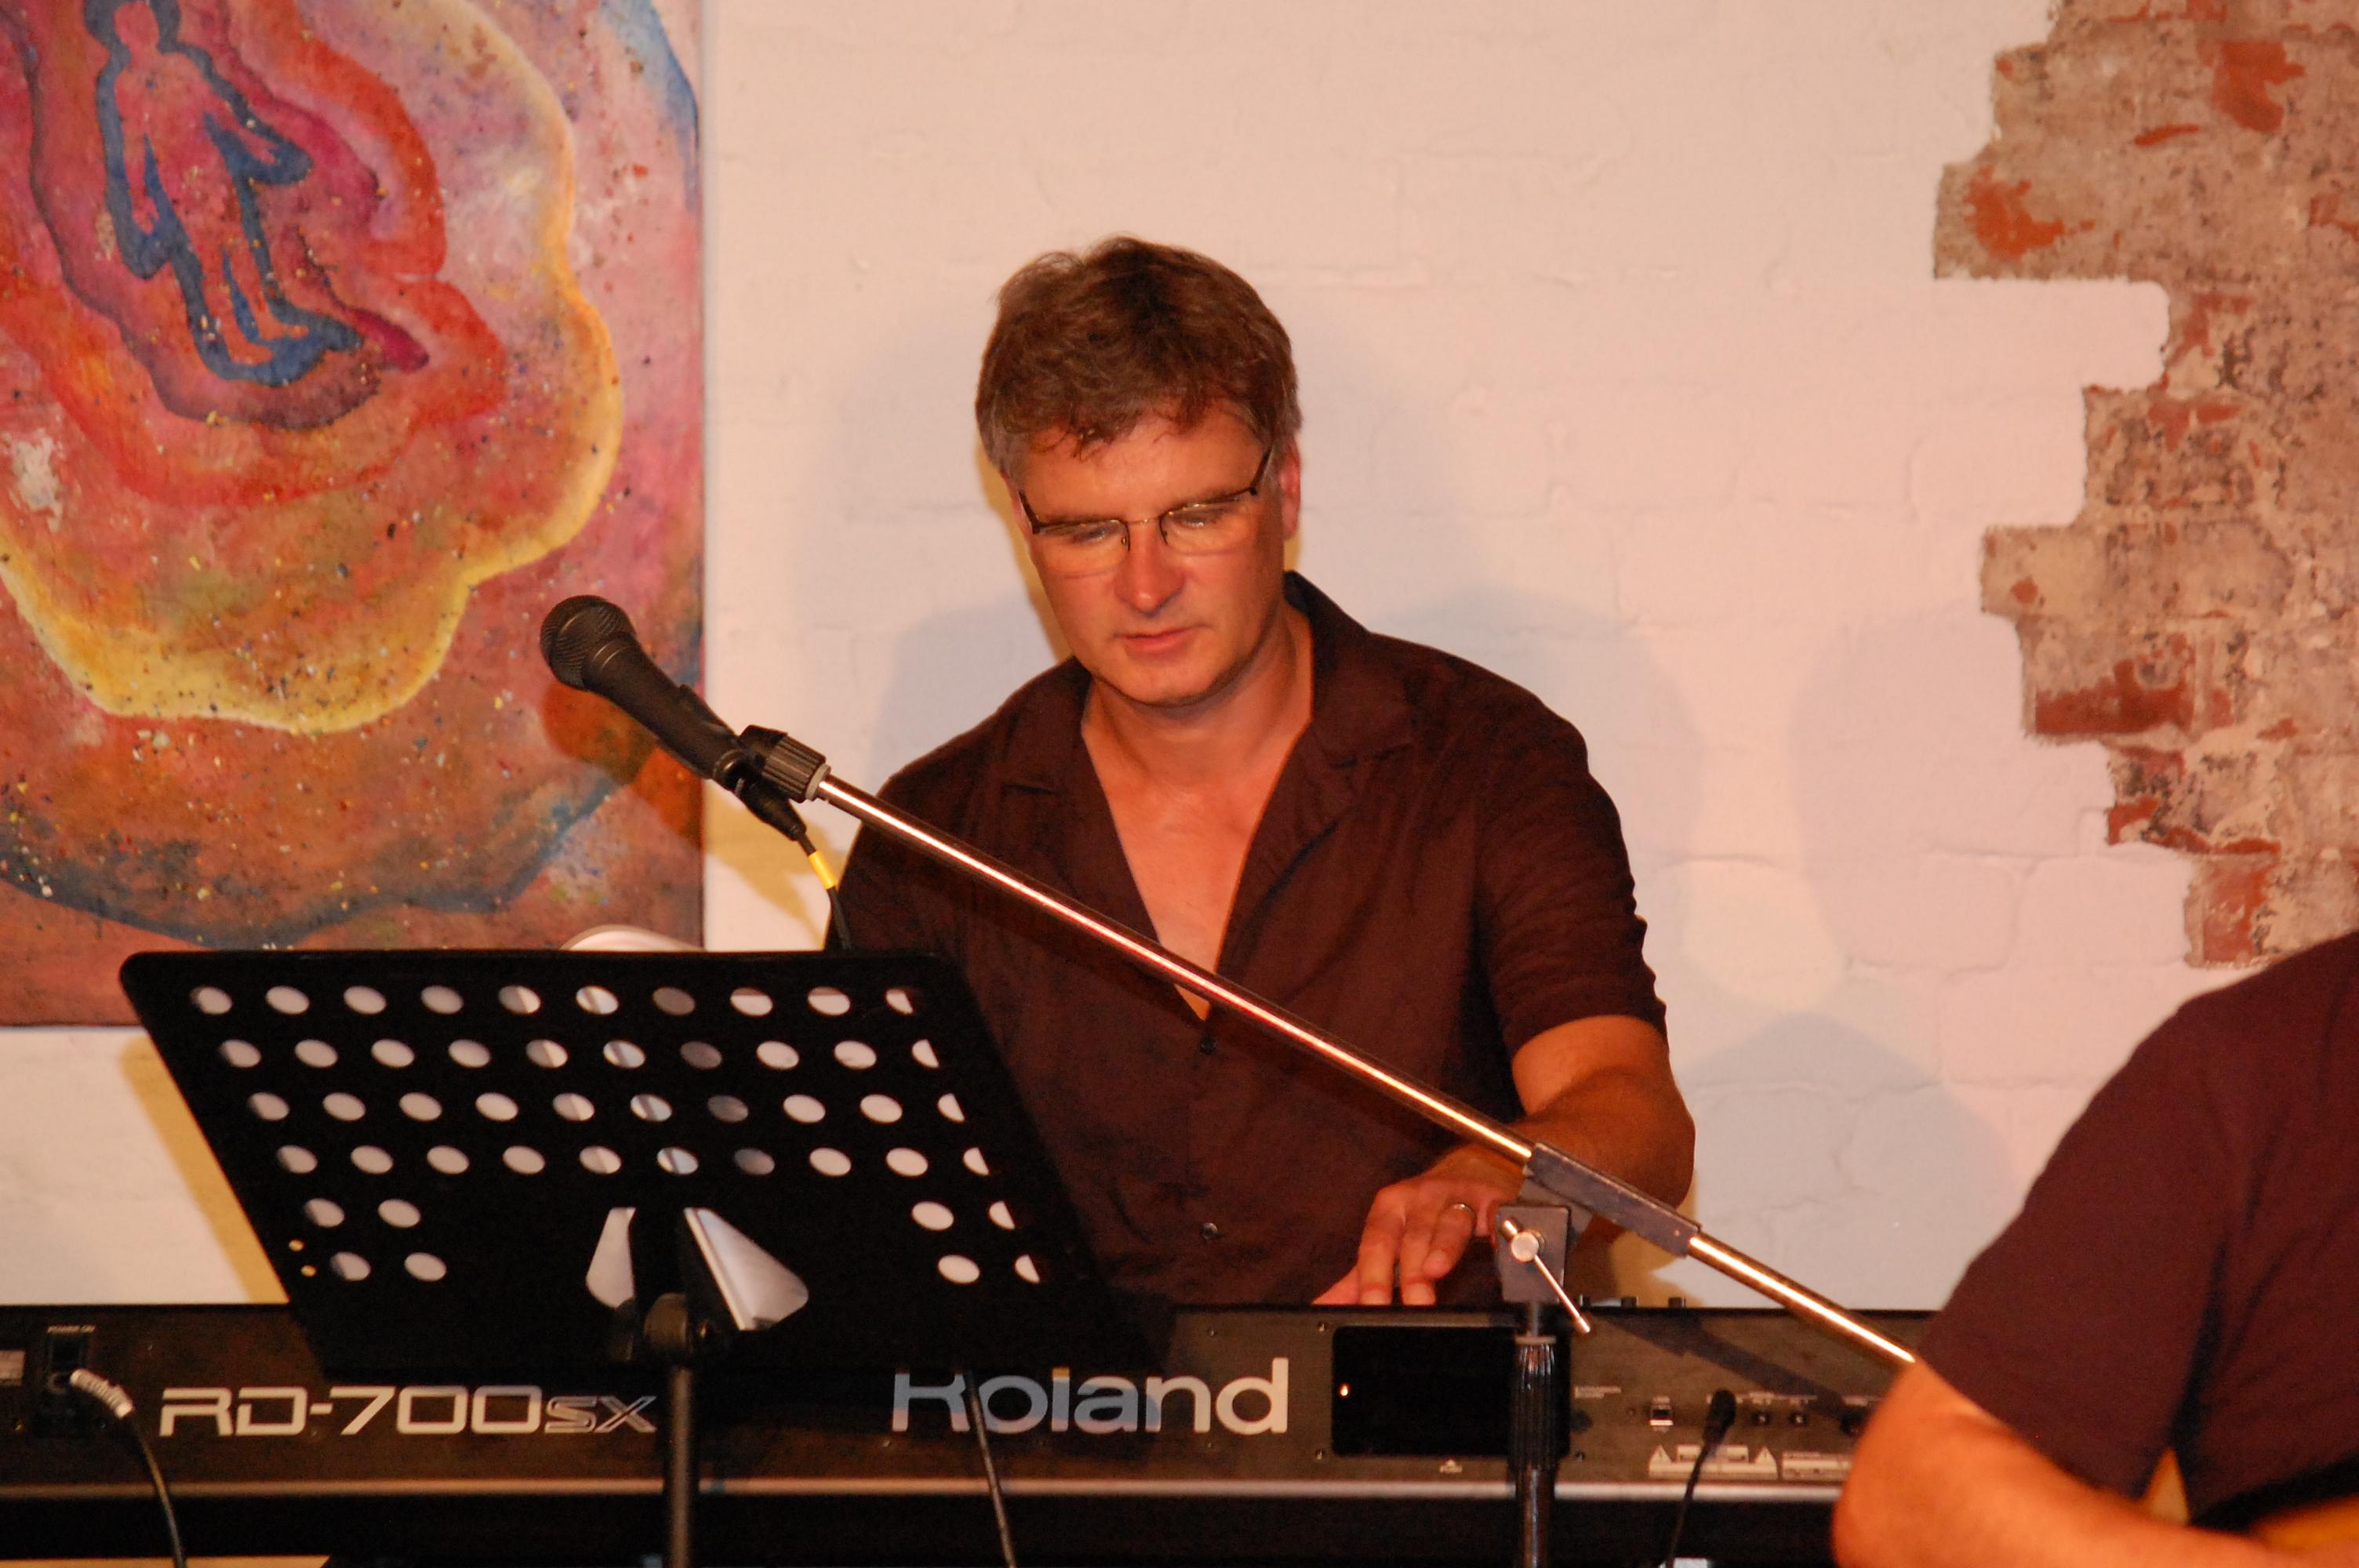 Thorsten Georges